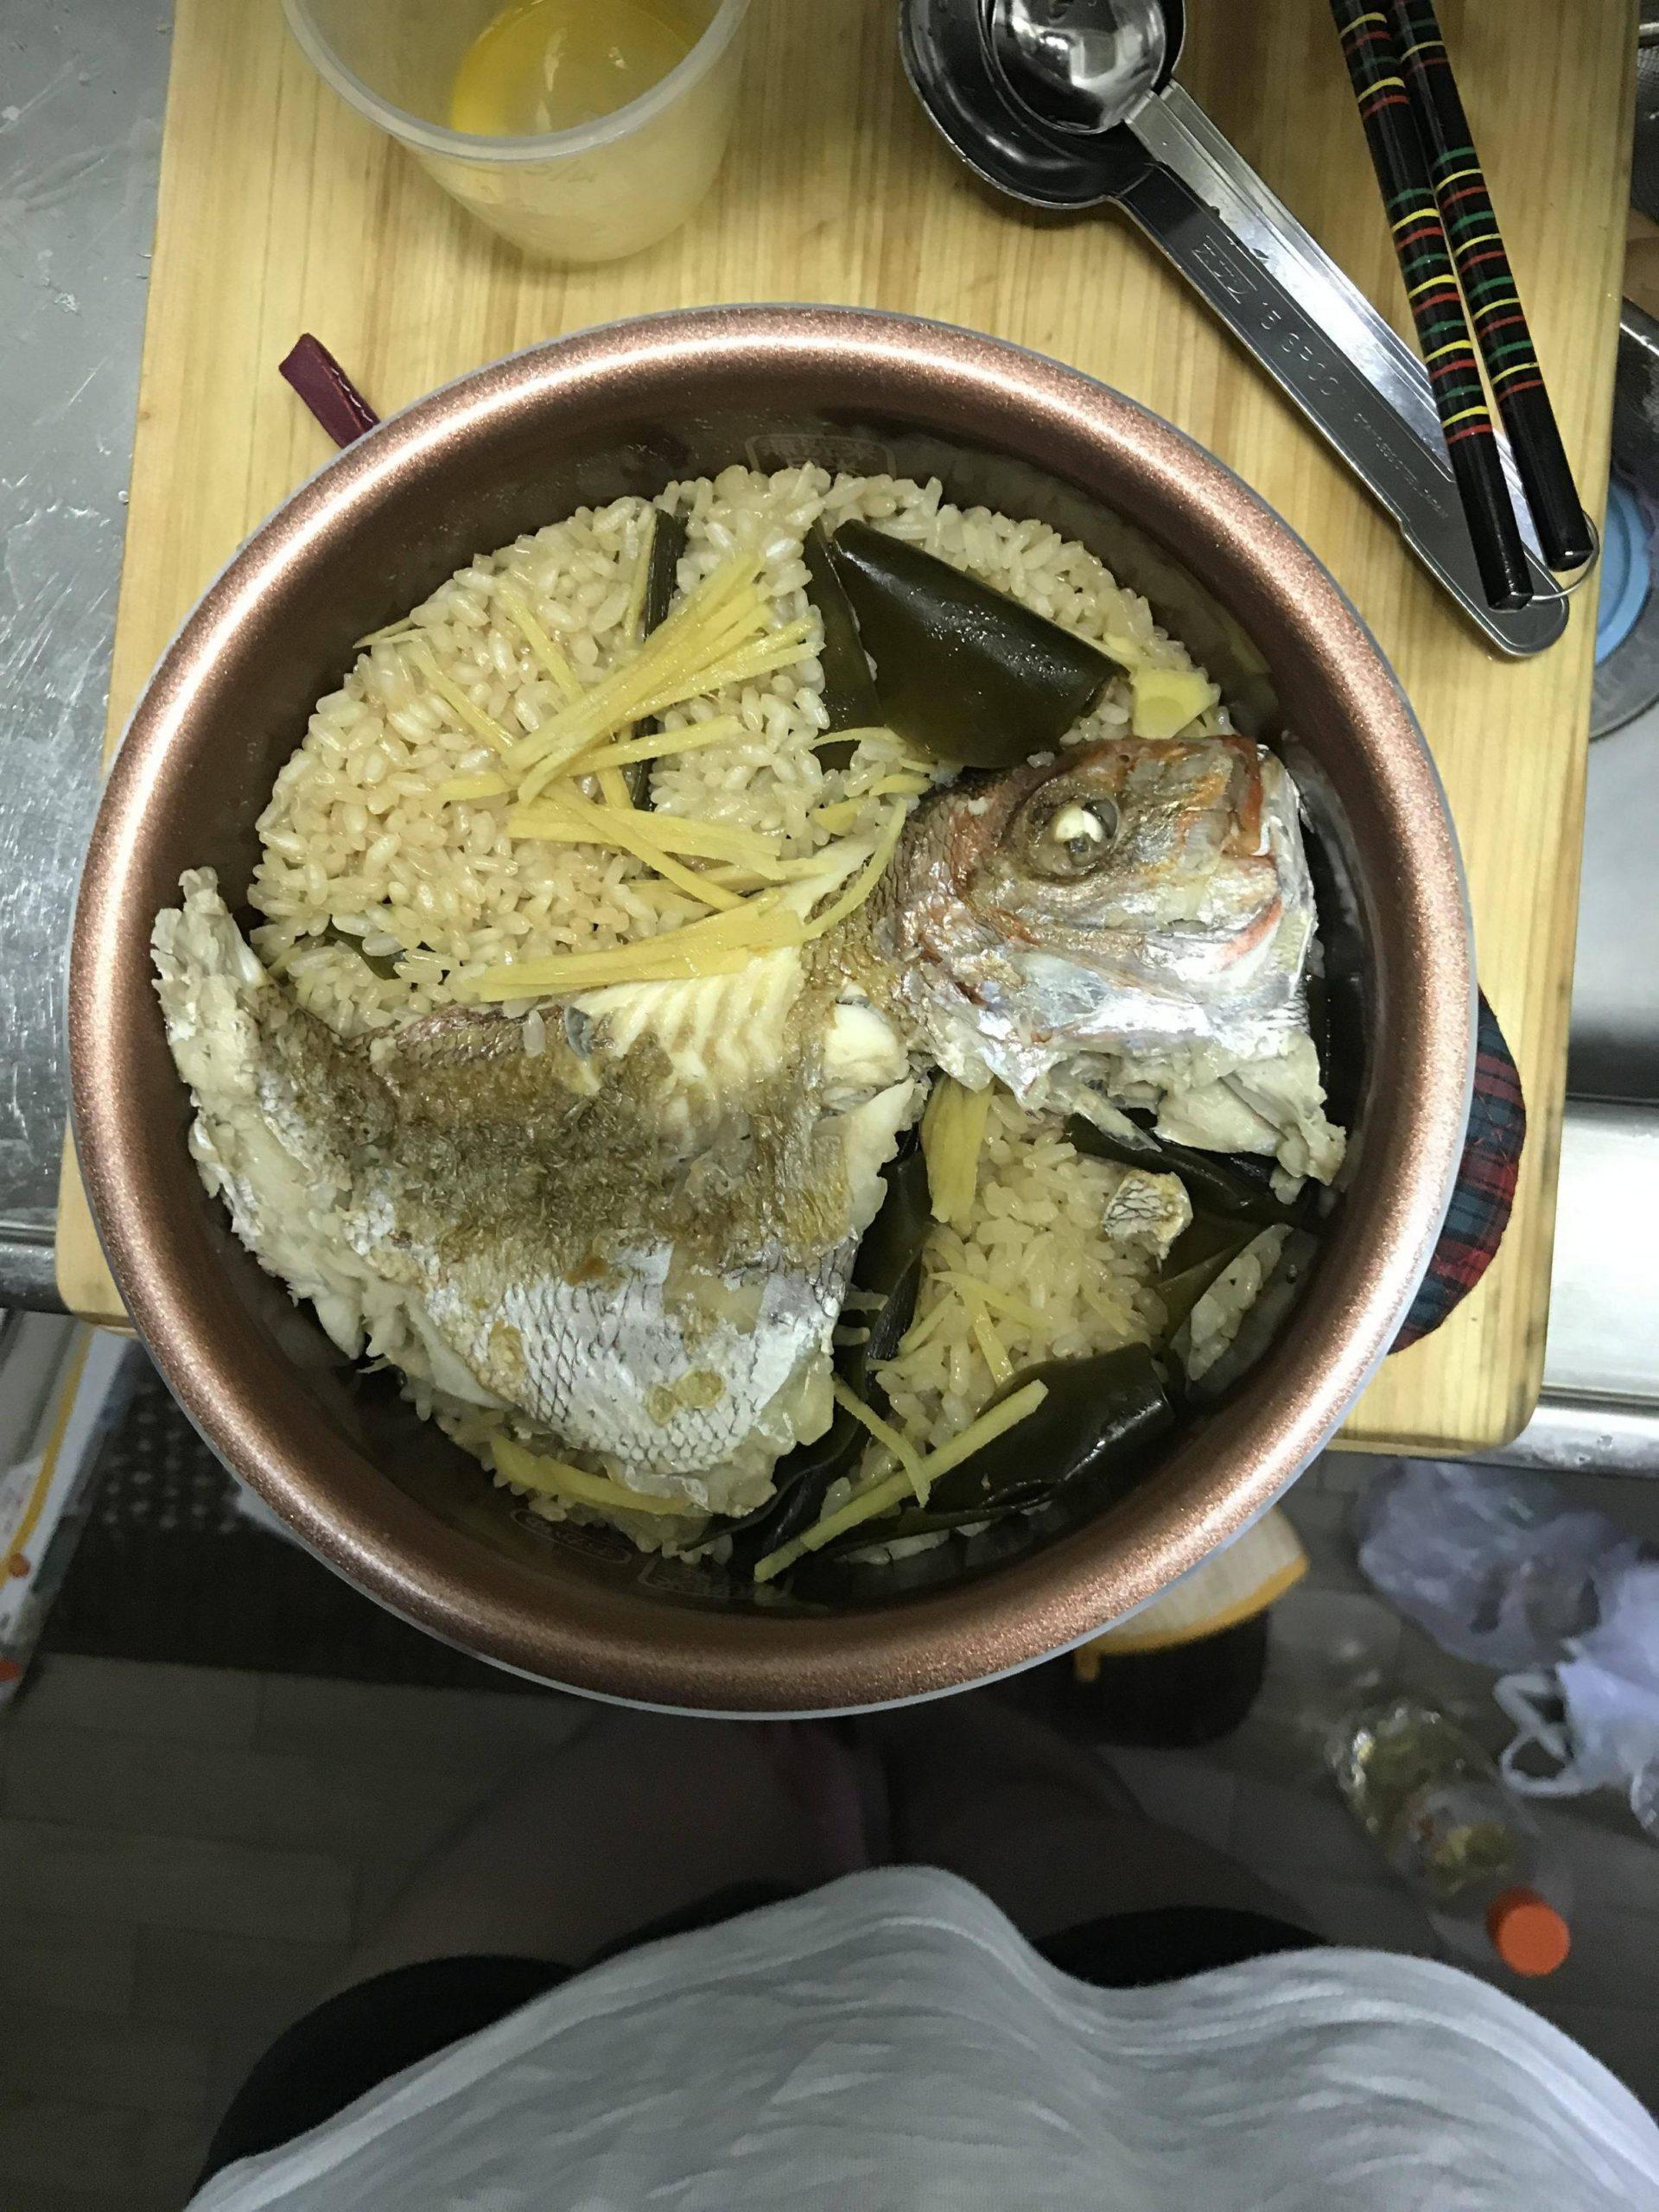 【画像】鯛の炊き込みご飯作ったちゃwwwwwwwwwwwwwwwww